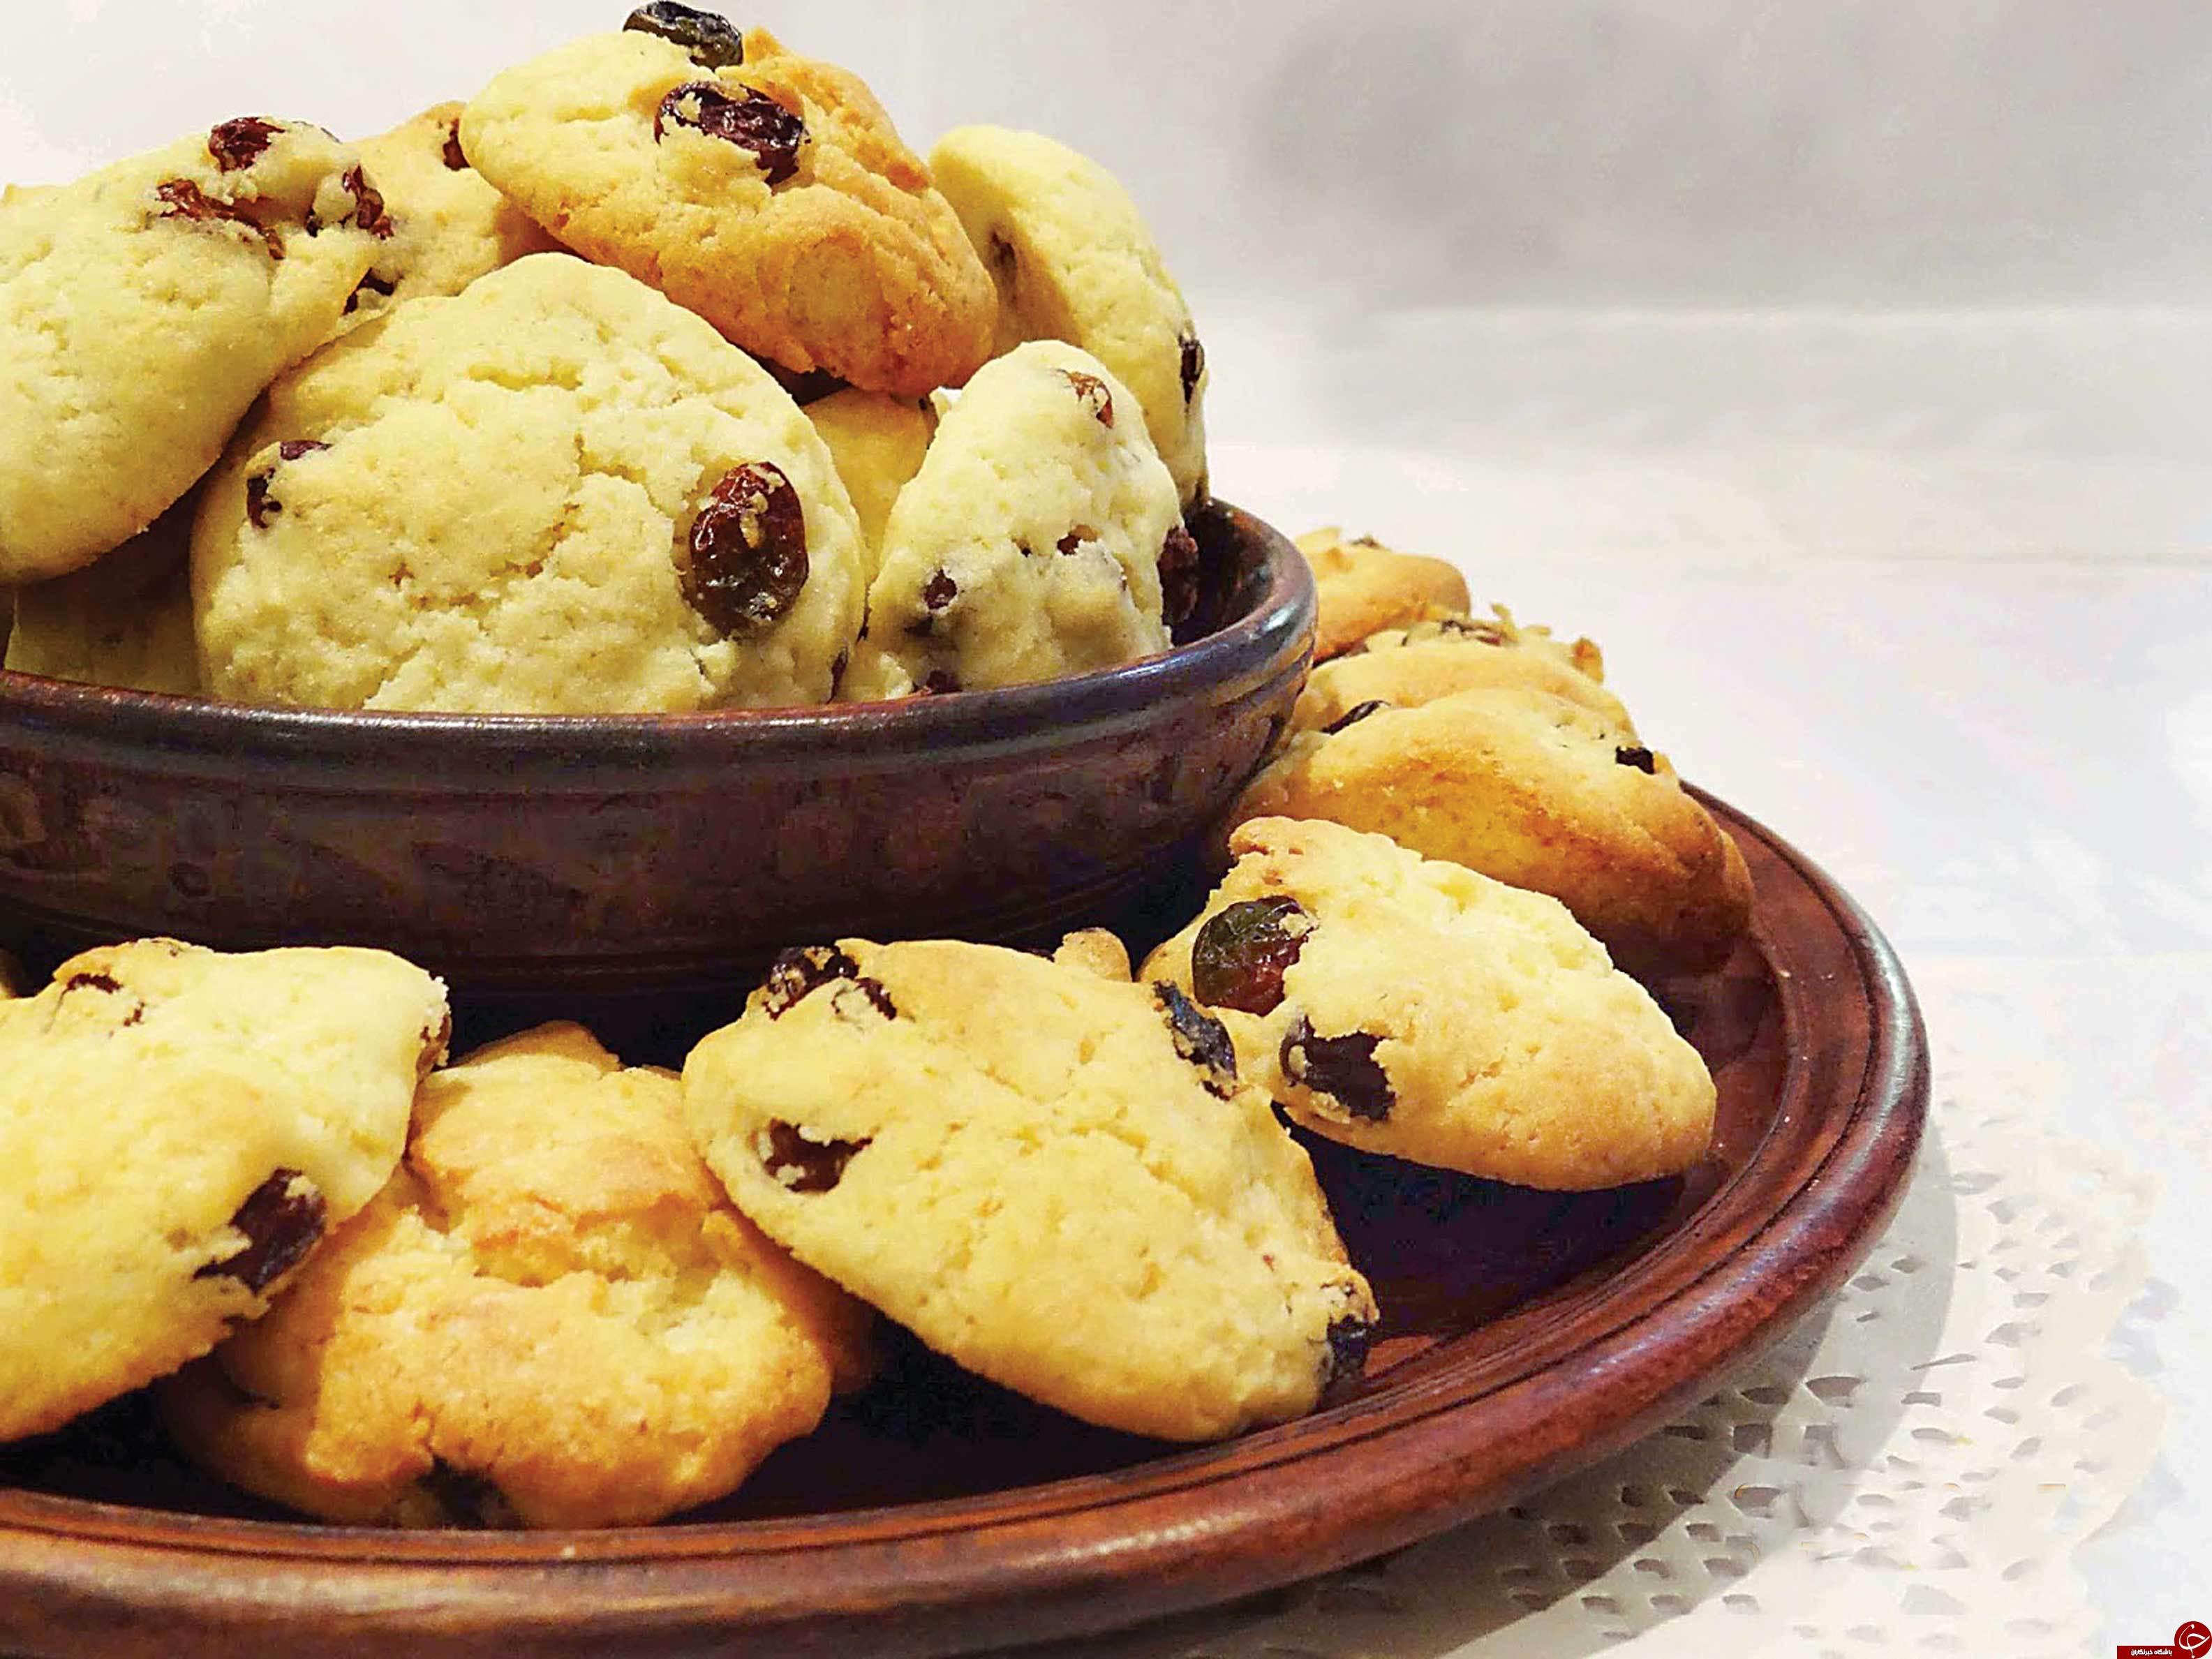 شیرینی یا بیسکوییت شخصیتی خود را بشناسید! / شخصیت شناسی از روی شیرینی مورد علاقه